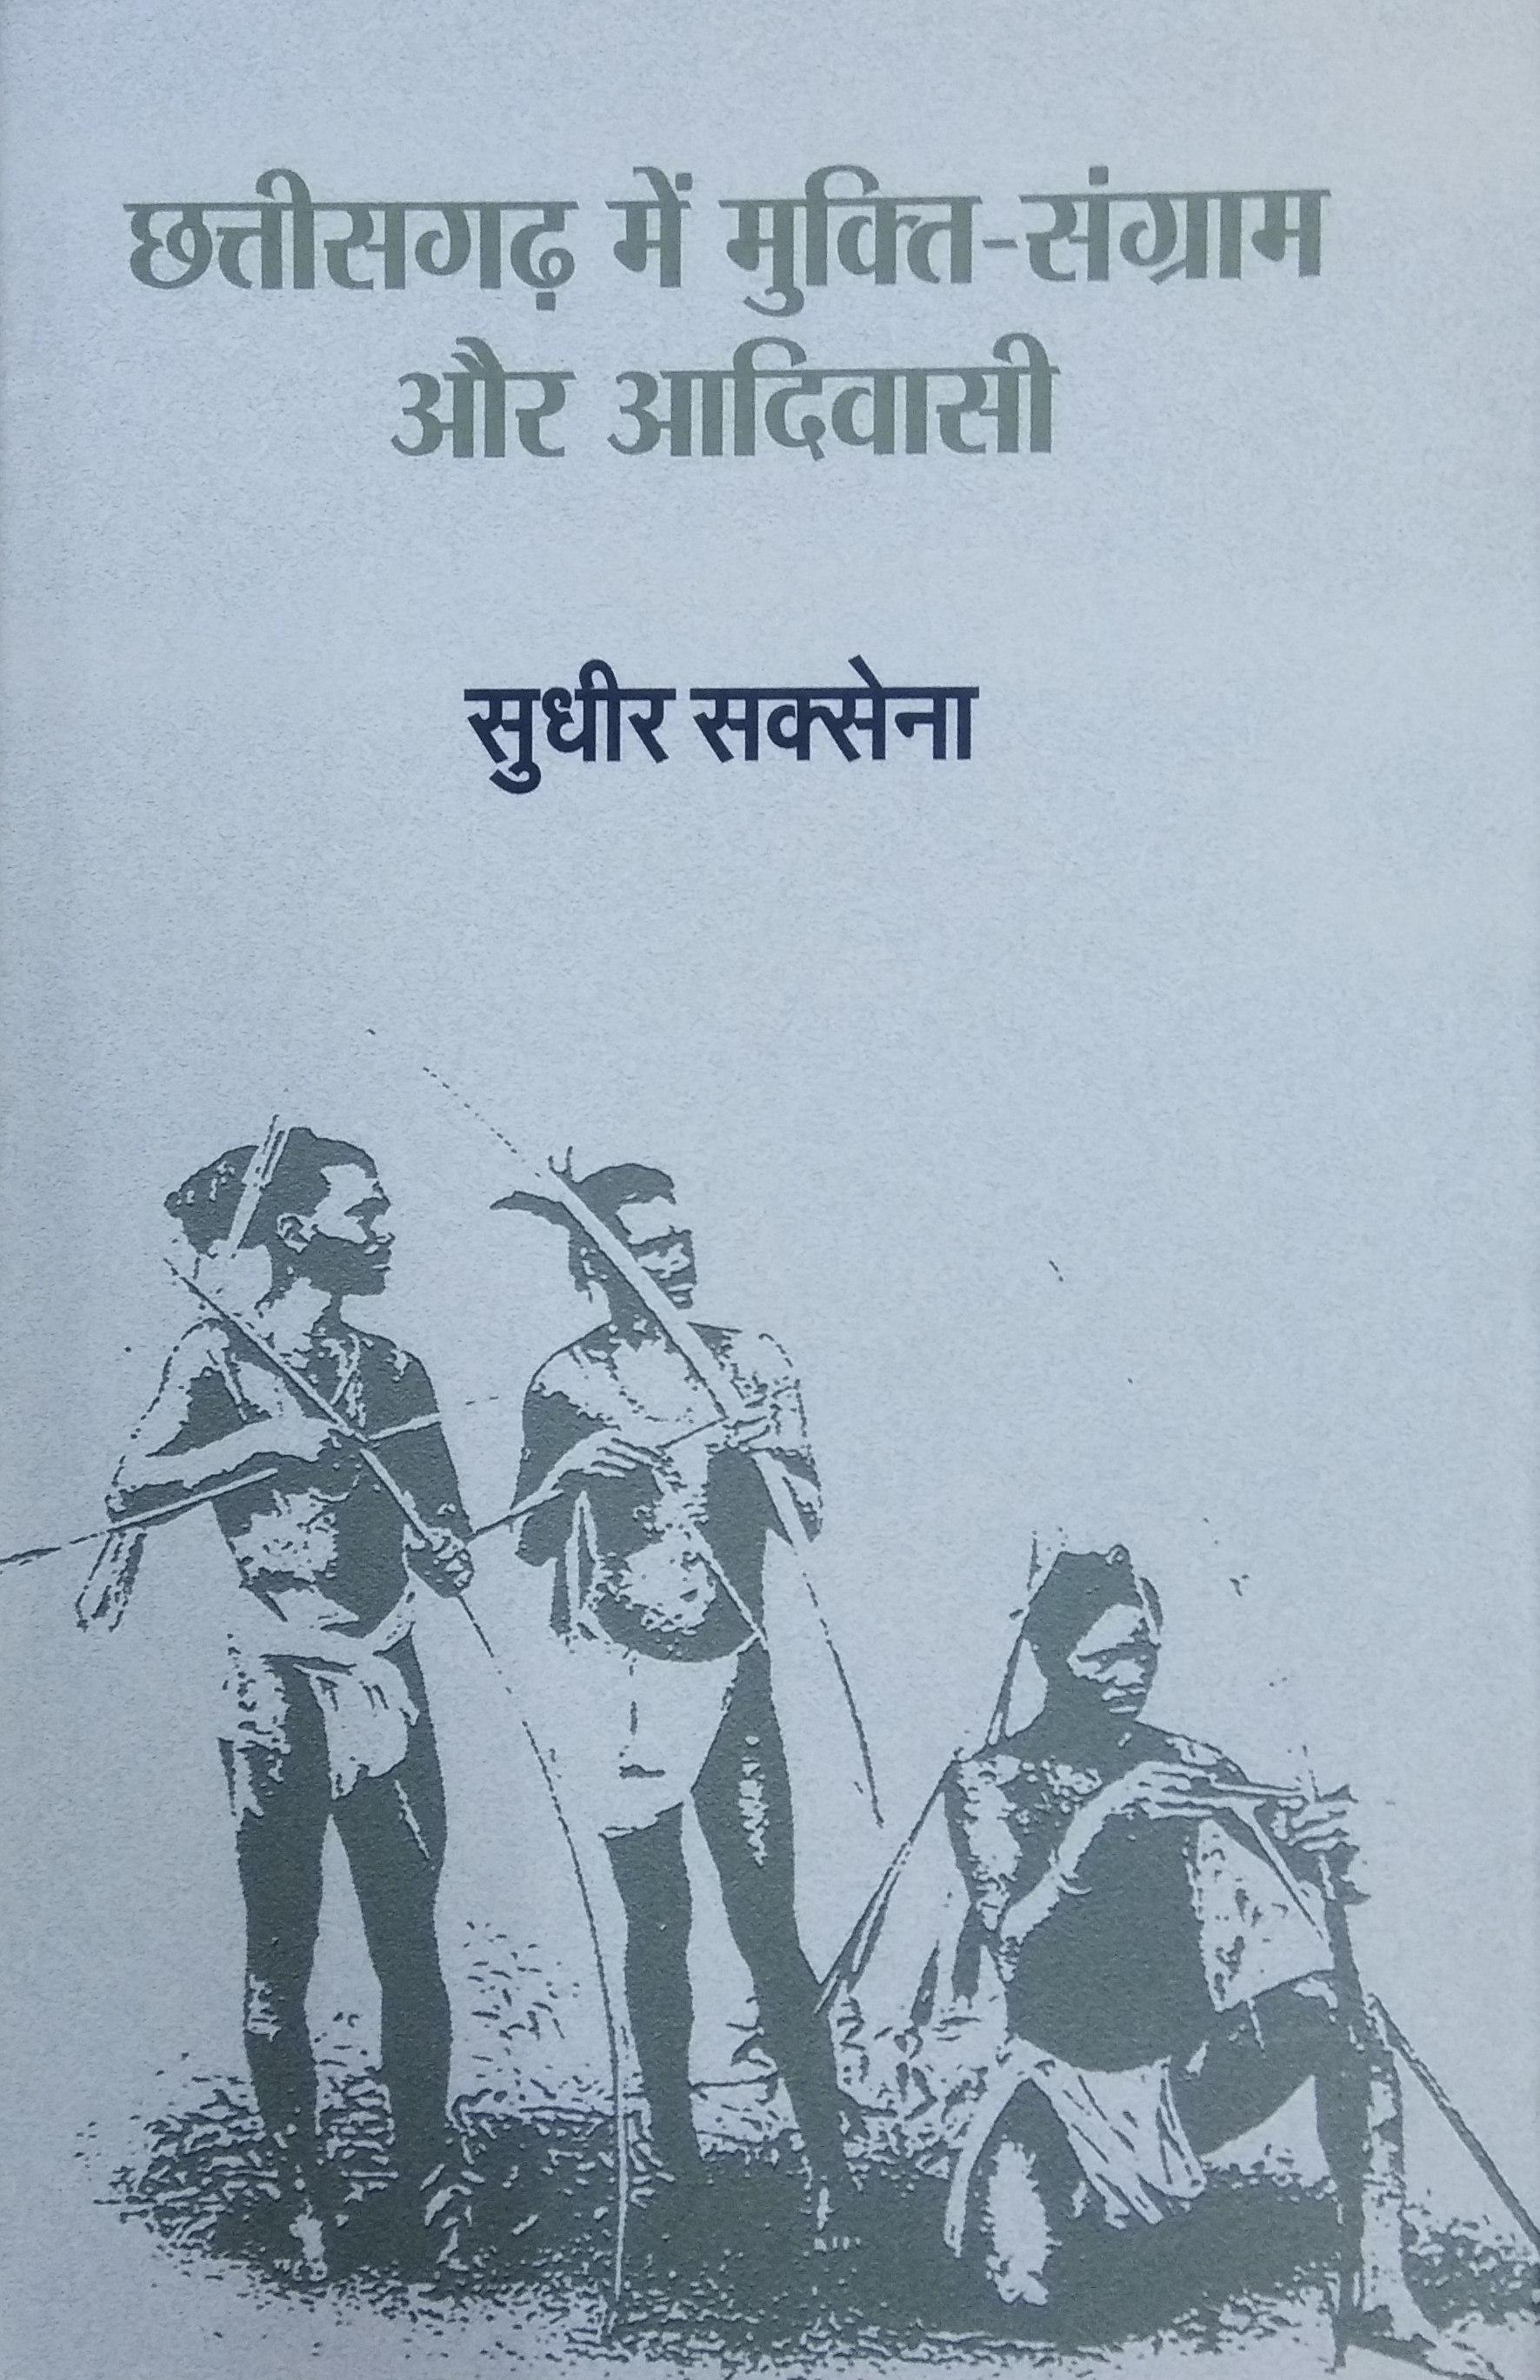 Chhattisgarh me Mukti-Sangram aur Adivasi (Hindi)